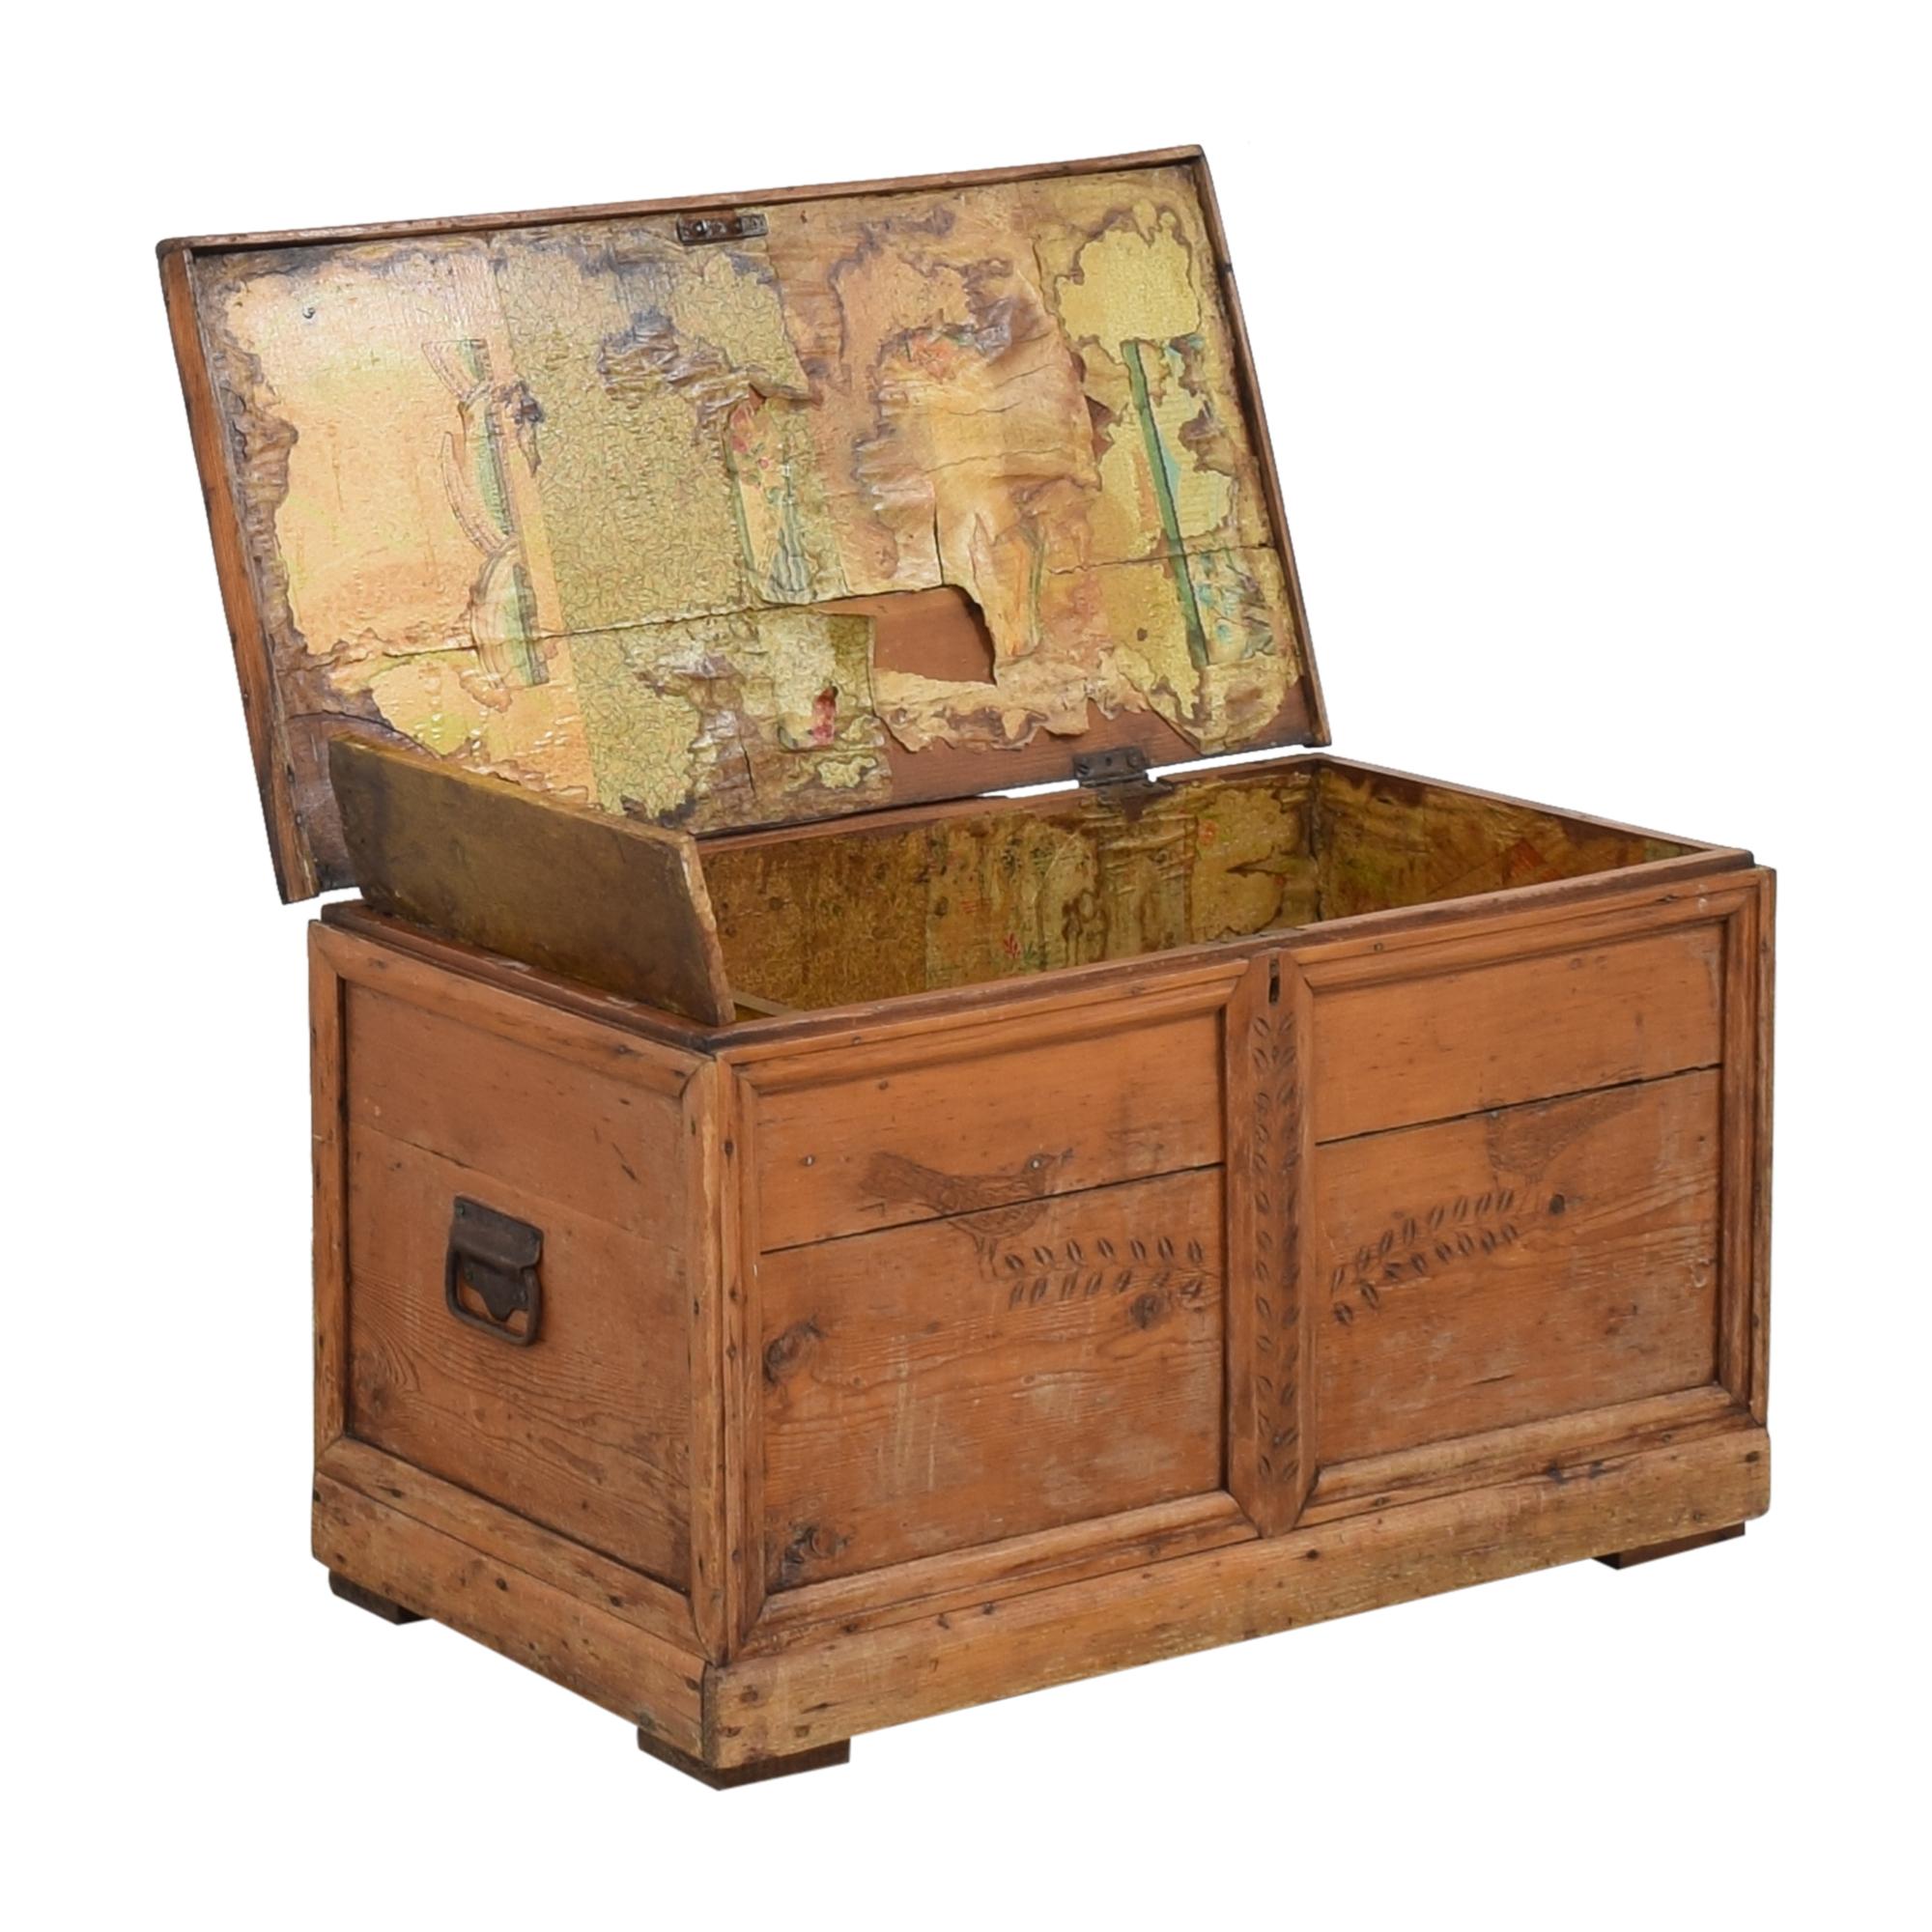 Antique Storage Trunk on sale